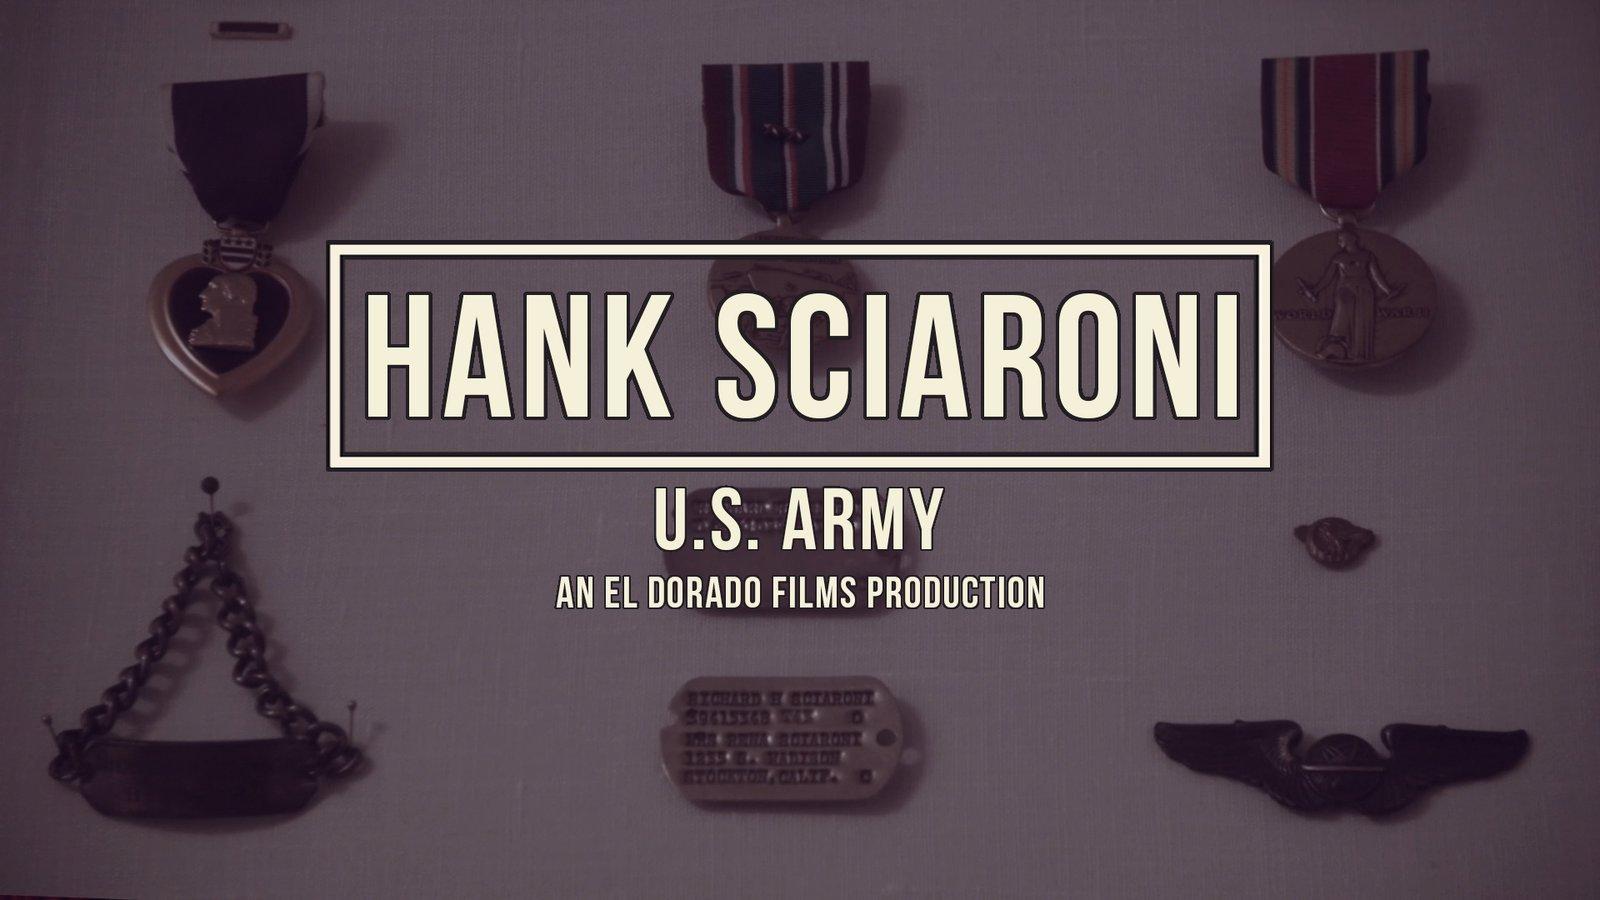 Hank Sciaroni - World War II Veteran